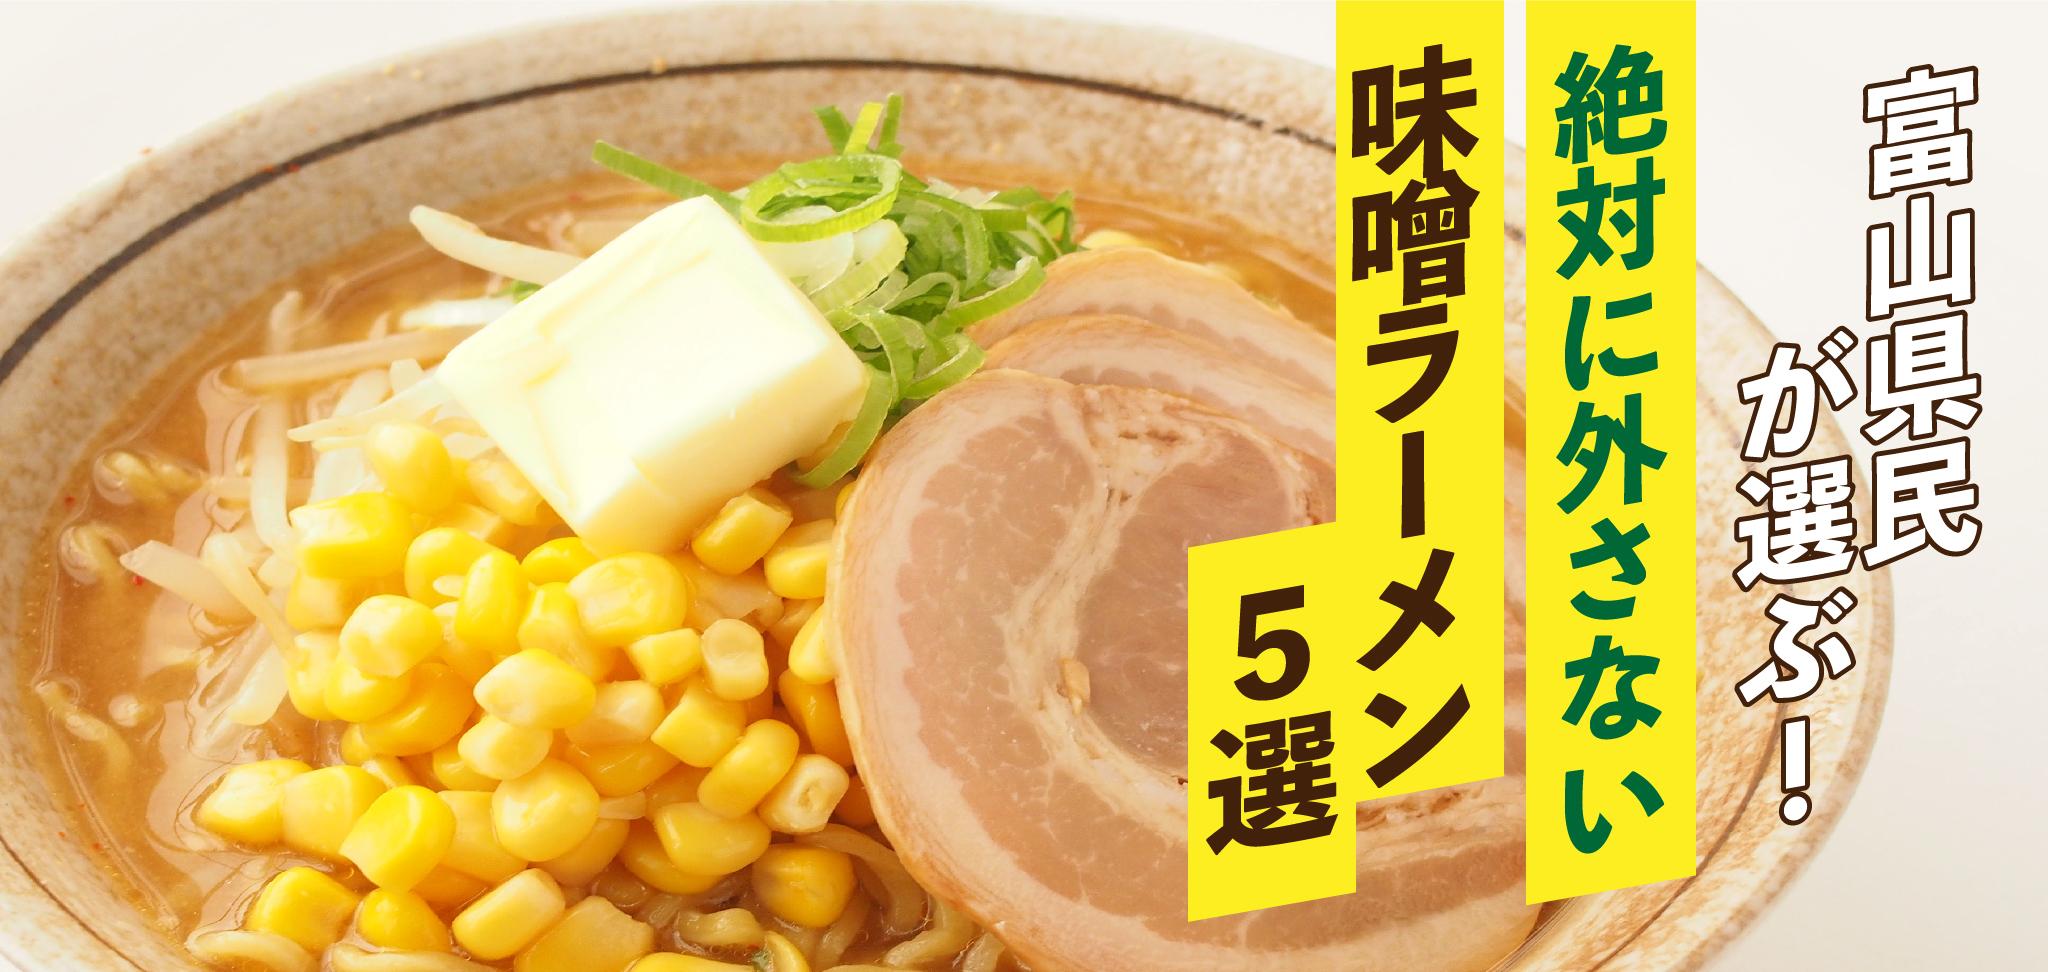 味噌 ラーメン ランキング 札幌